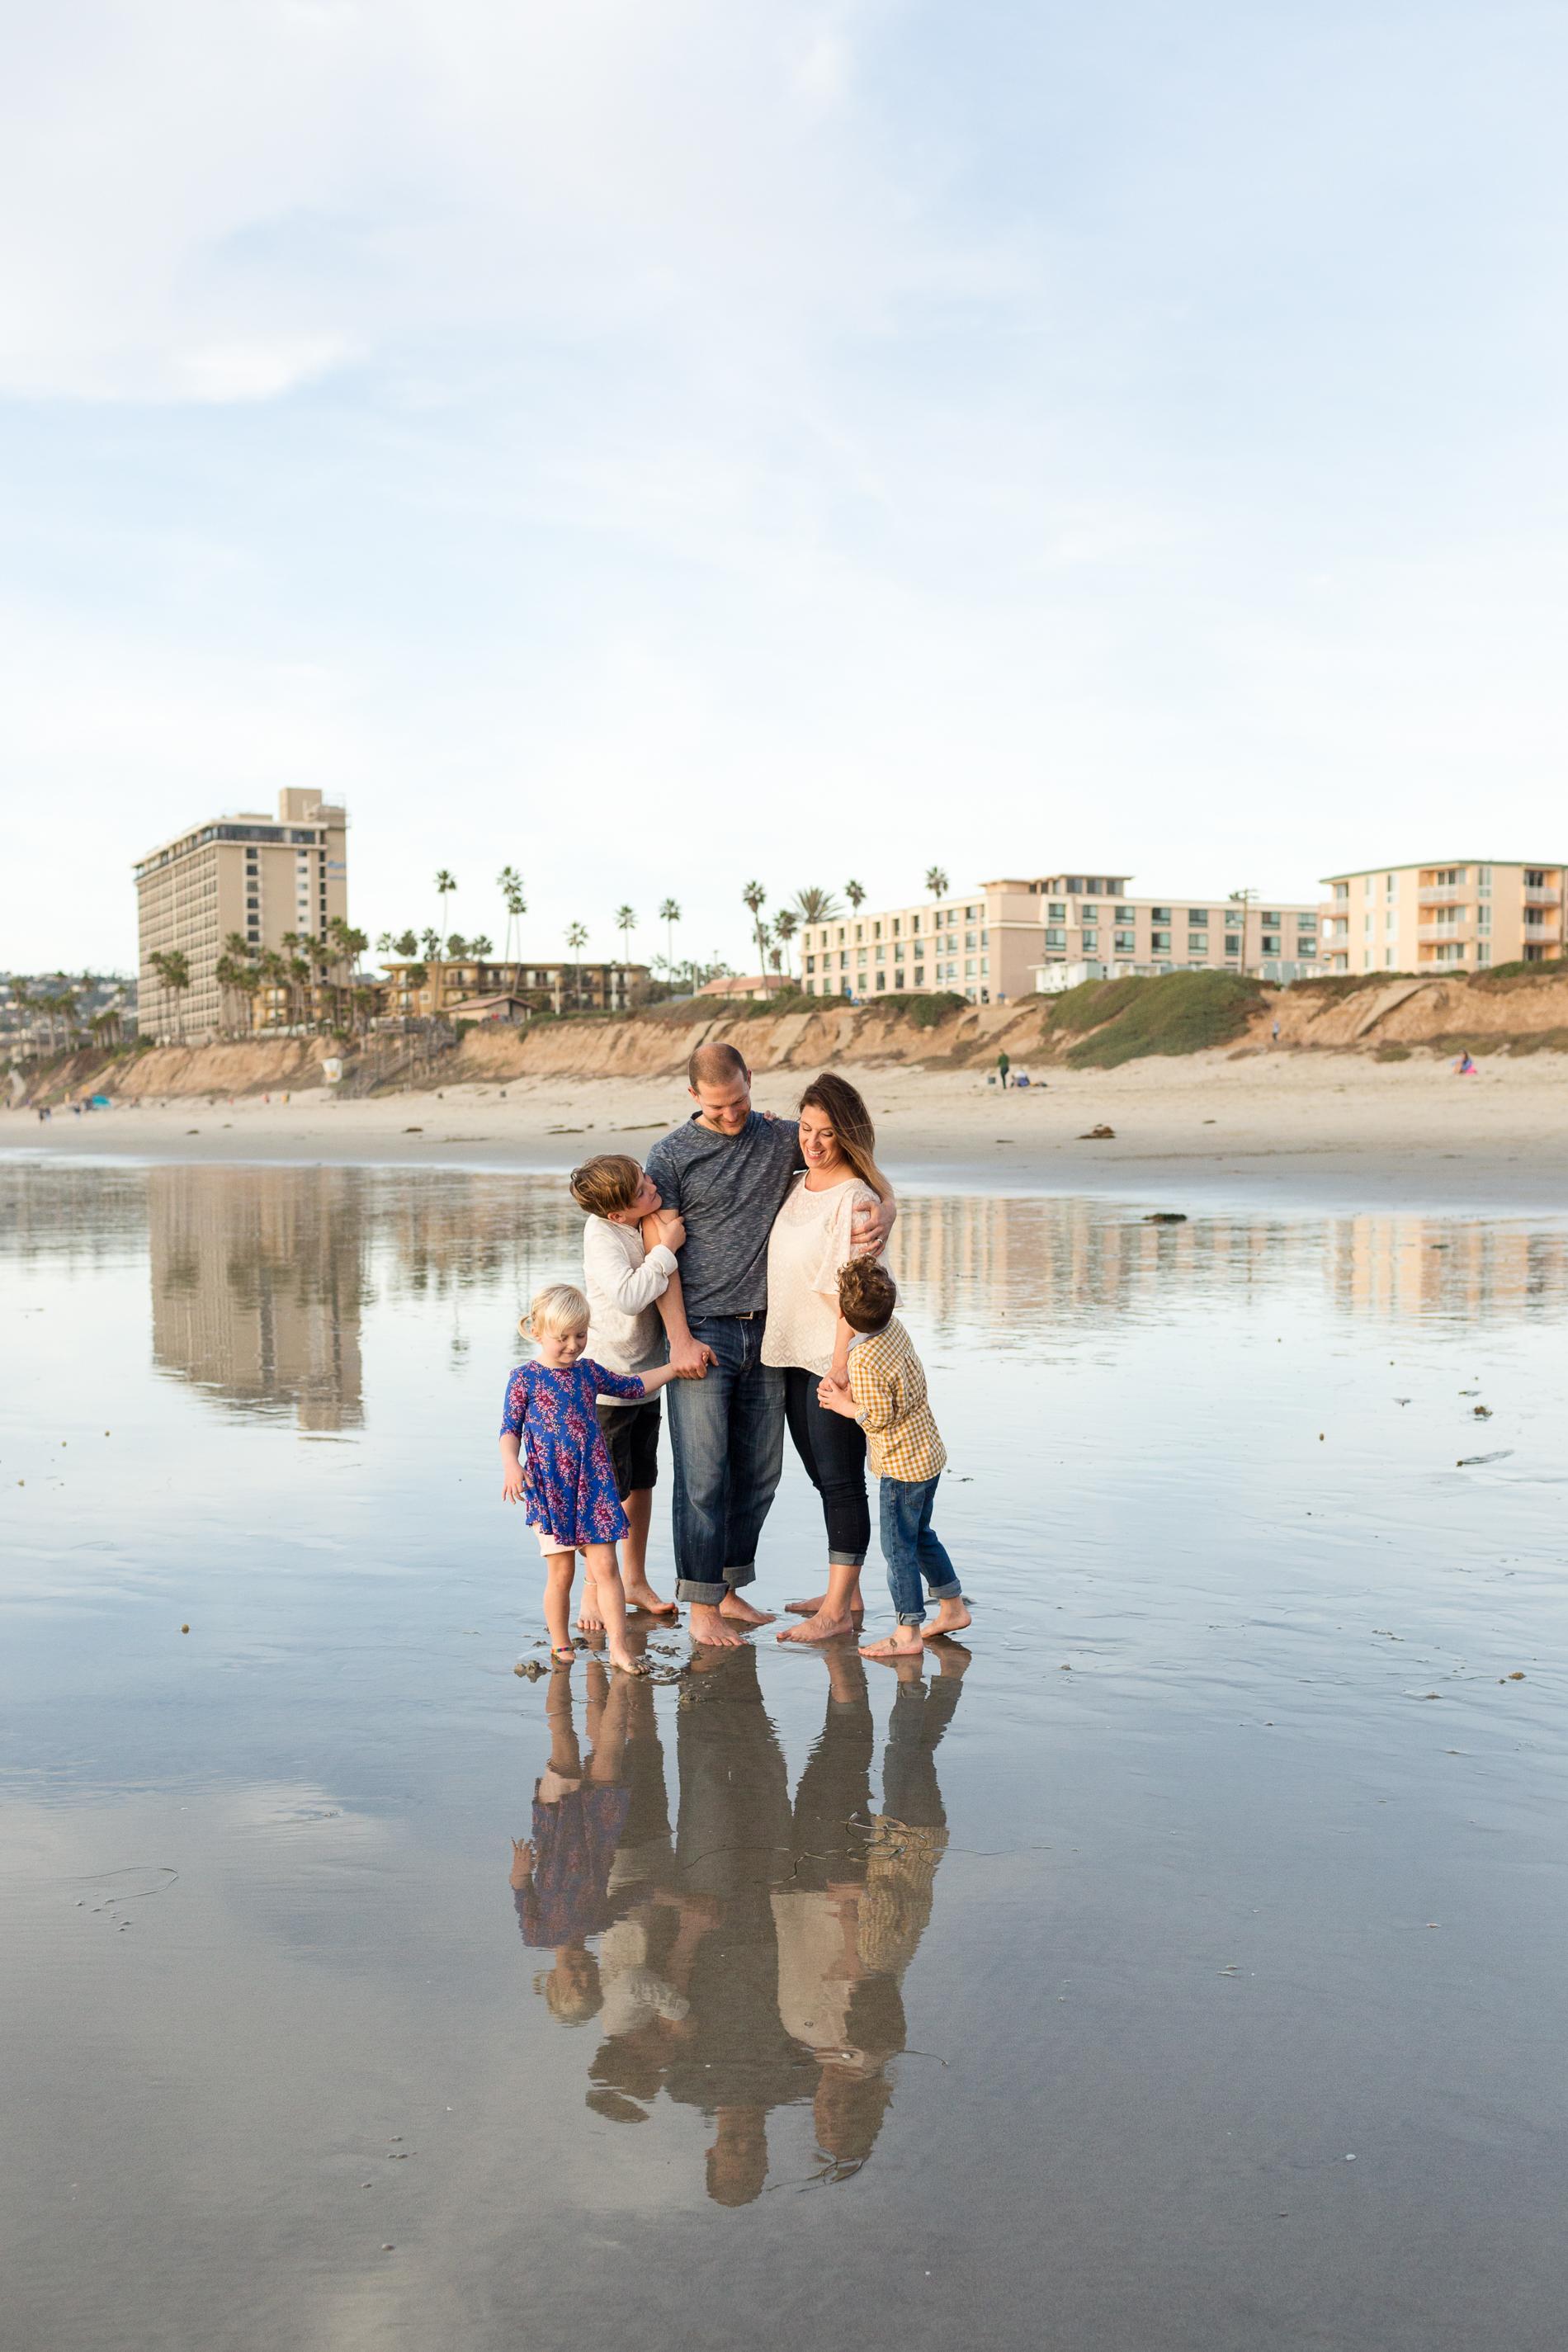 San Diego Family Photographer Beach Crystal Pier Christine Dammann Photography WS HF-4.jpg